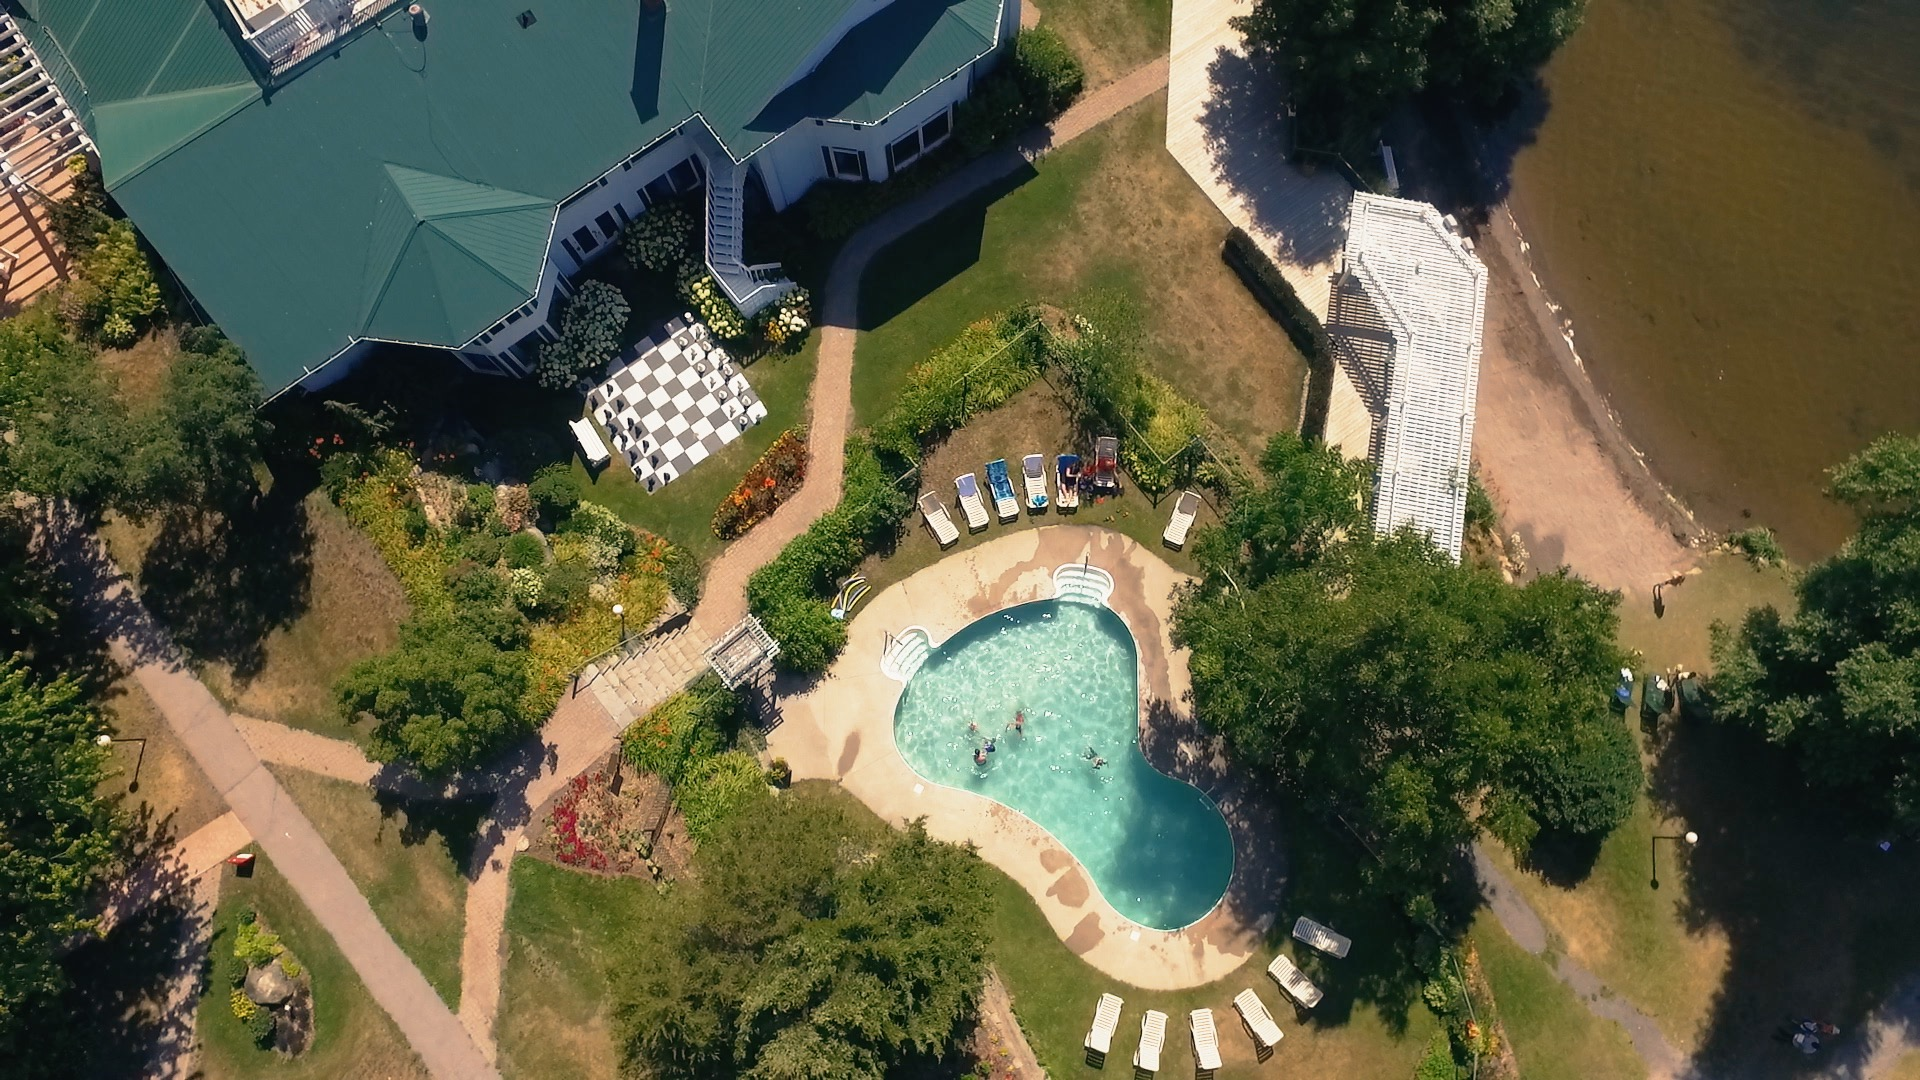 Elmhirst_aerial_outdoorpool